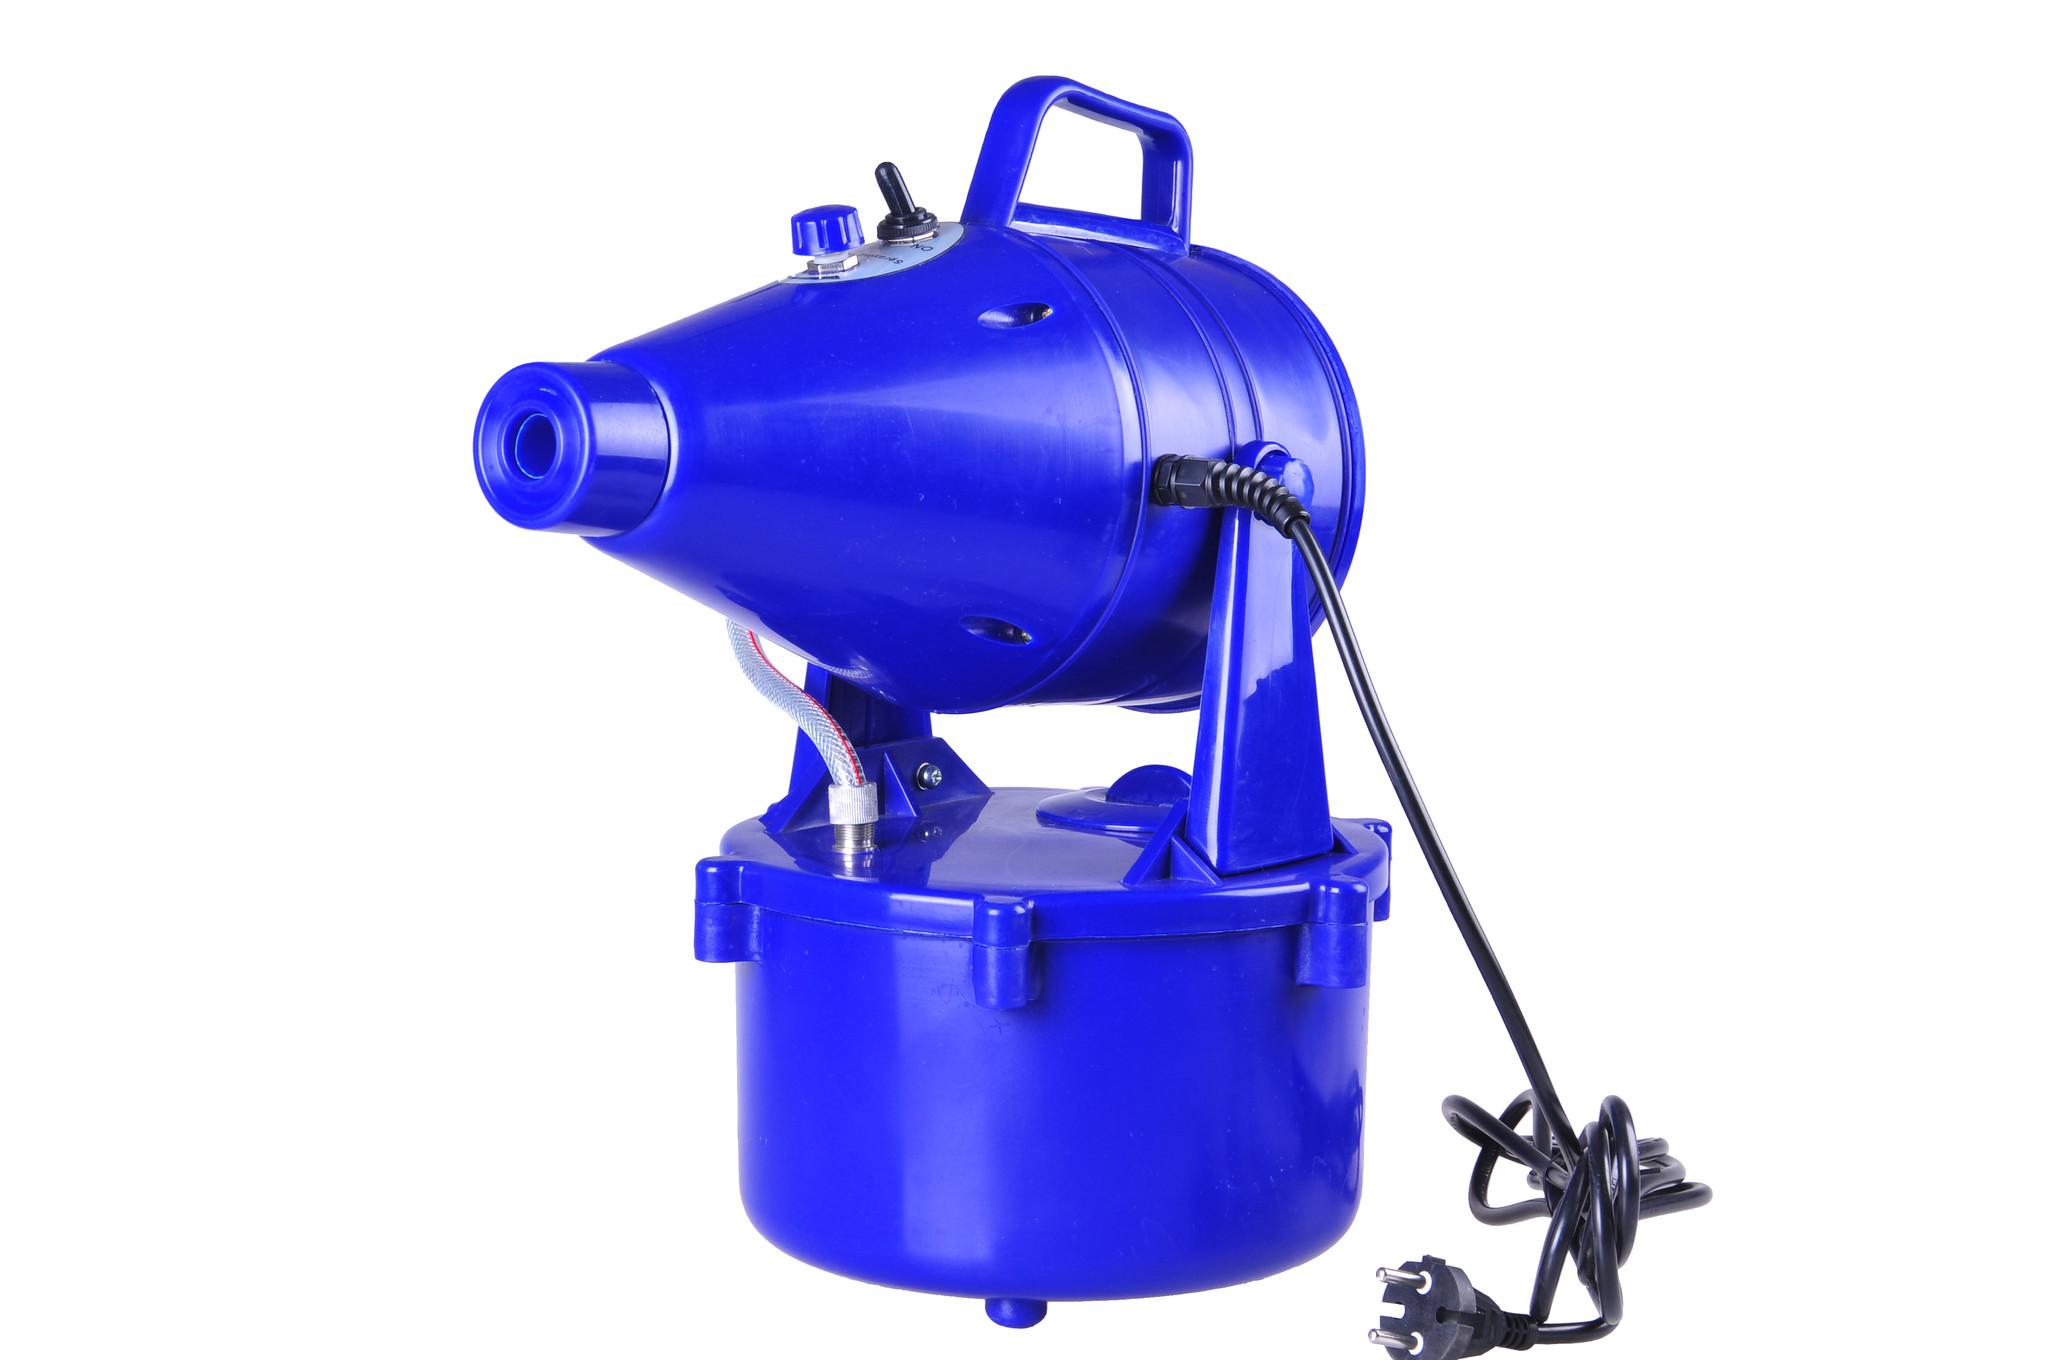 """Nébulisateur bleu ULV """"Frost"""" + Distributeur infrarouge pour gel hydroalcoolique gratuit"""